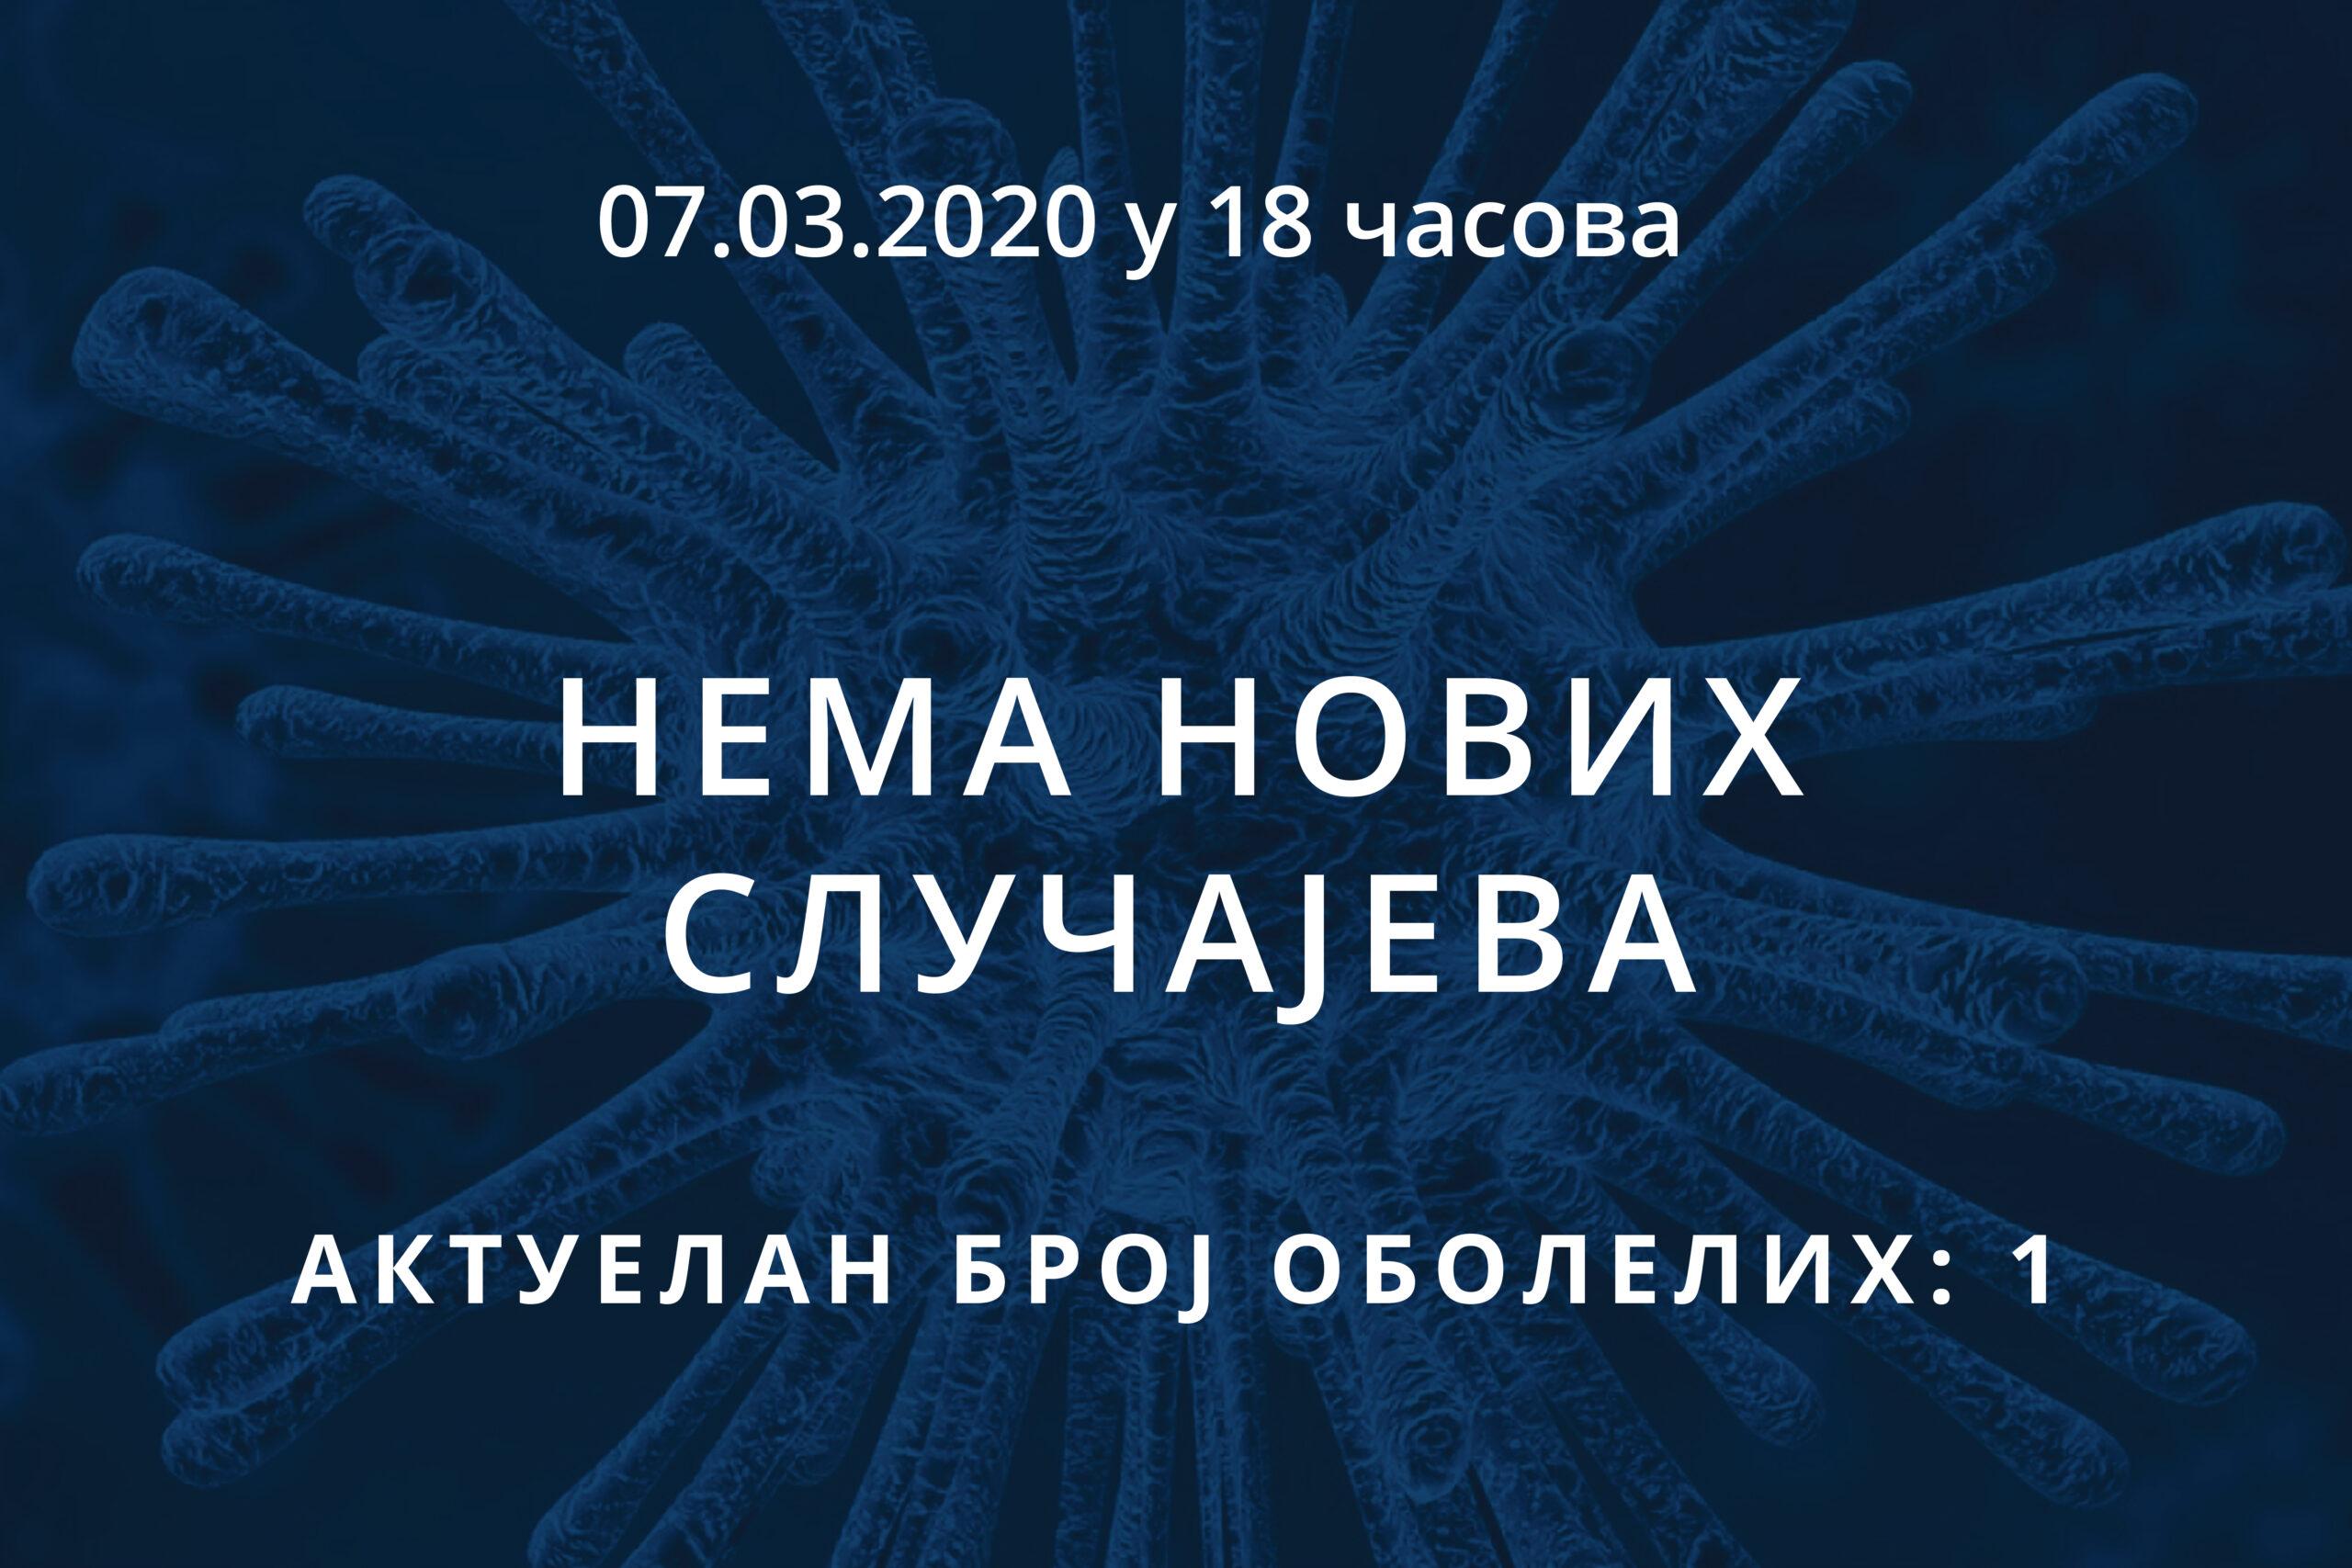 Информације о корона вирусу COVID-19, 07.03.2020 у 18 часова